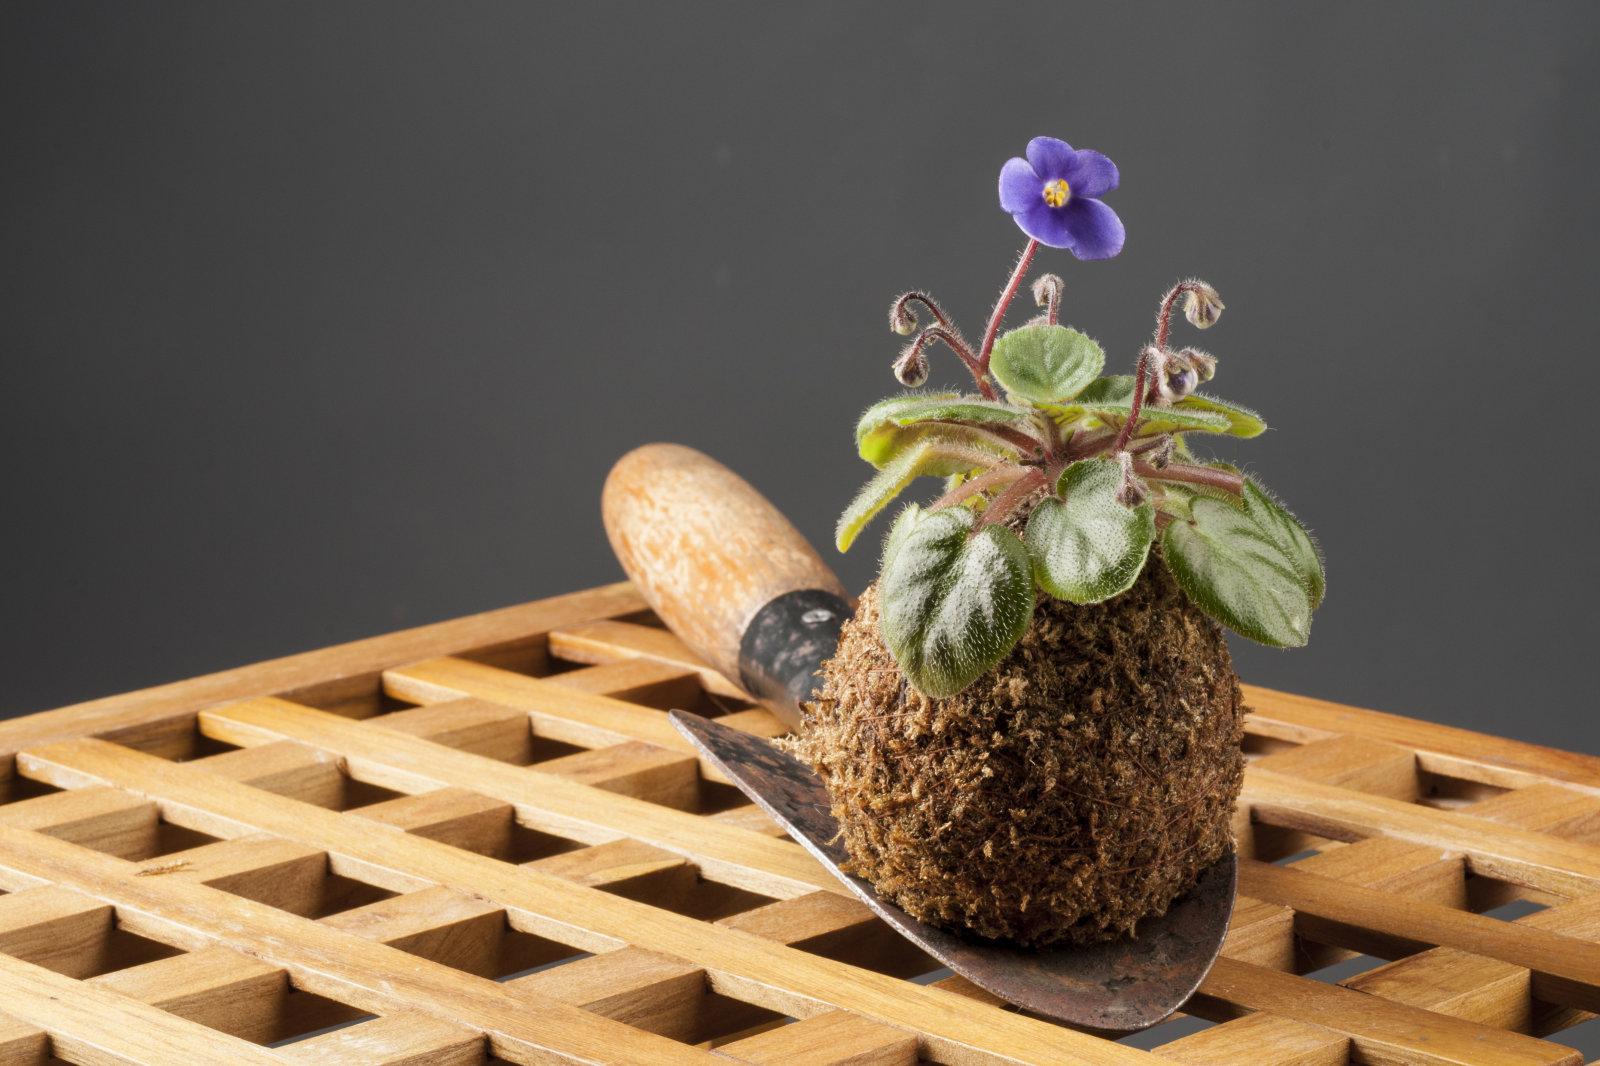 Atelier d art floral japonais au c ur de paris activit paris france - Atelier d art de france ...